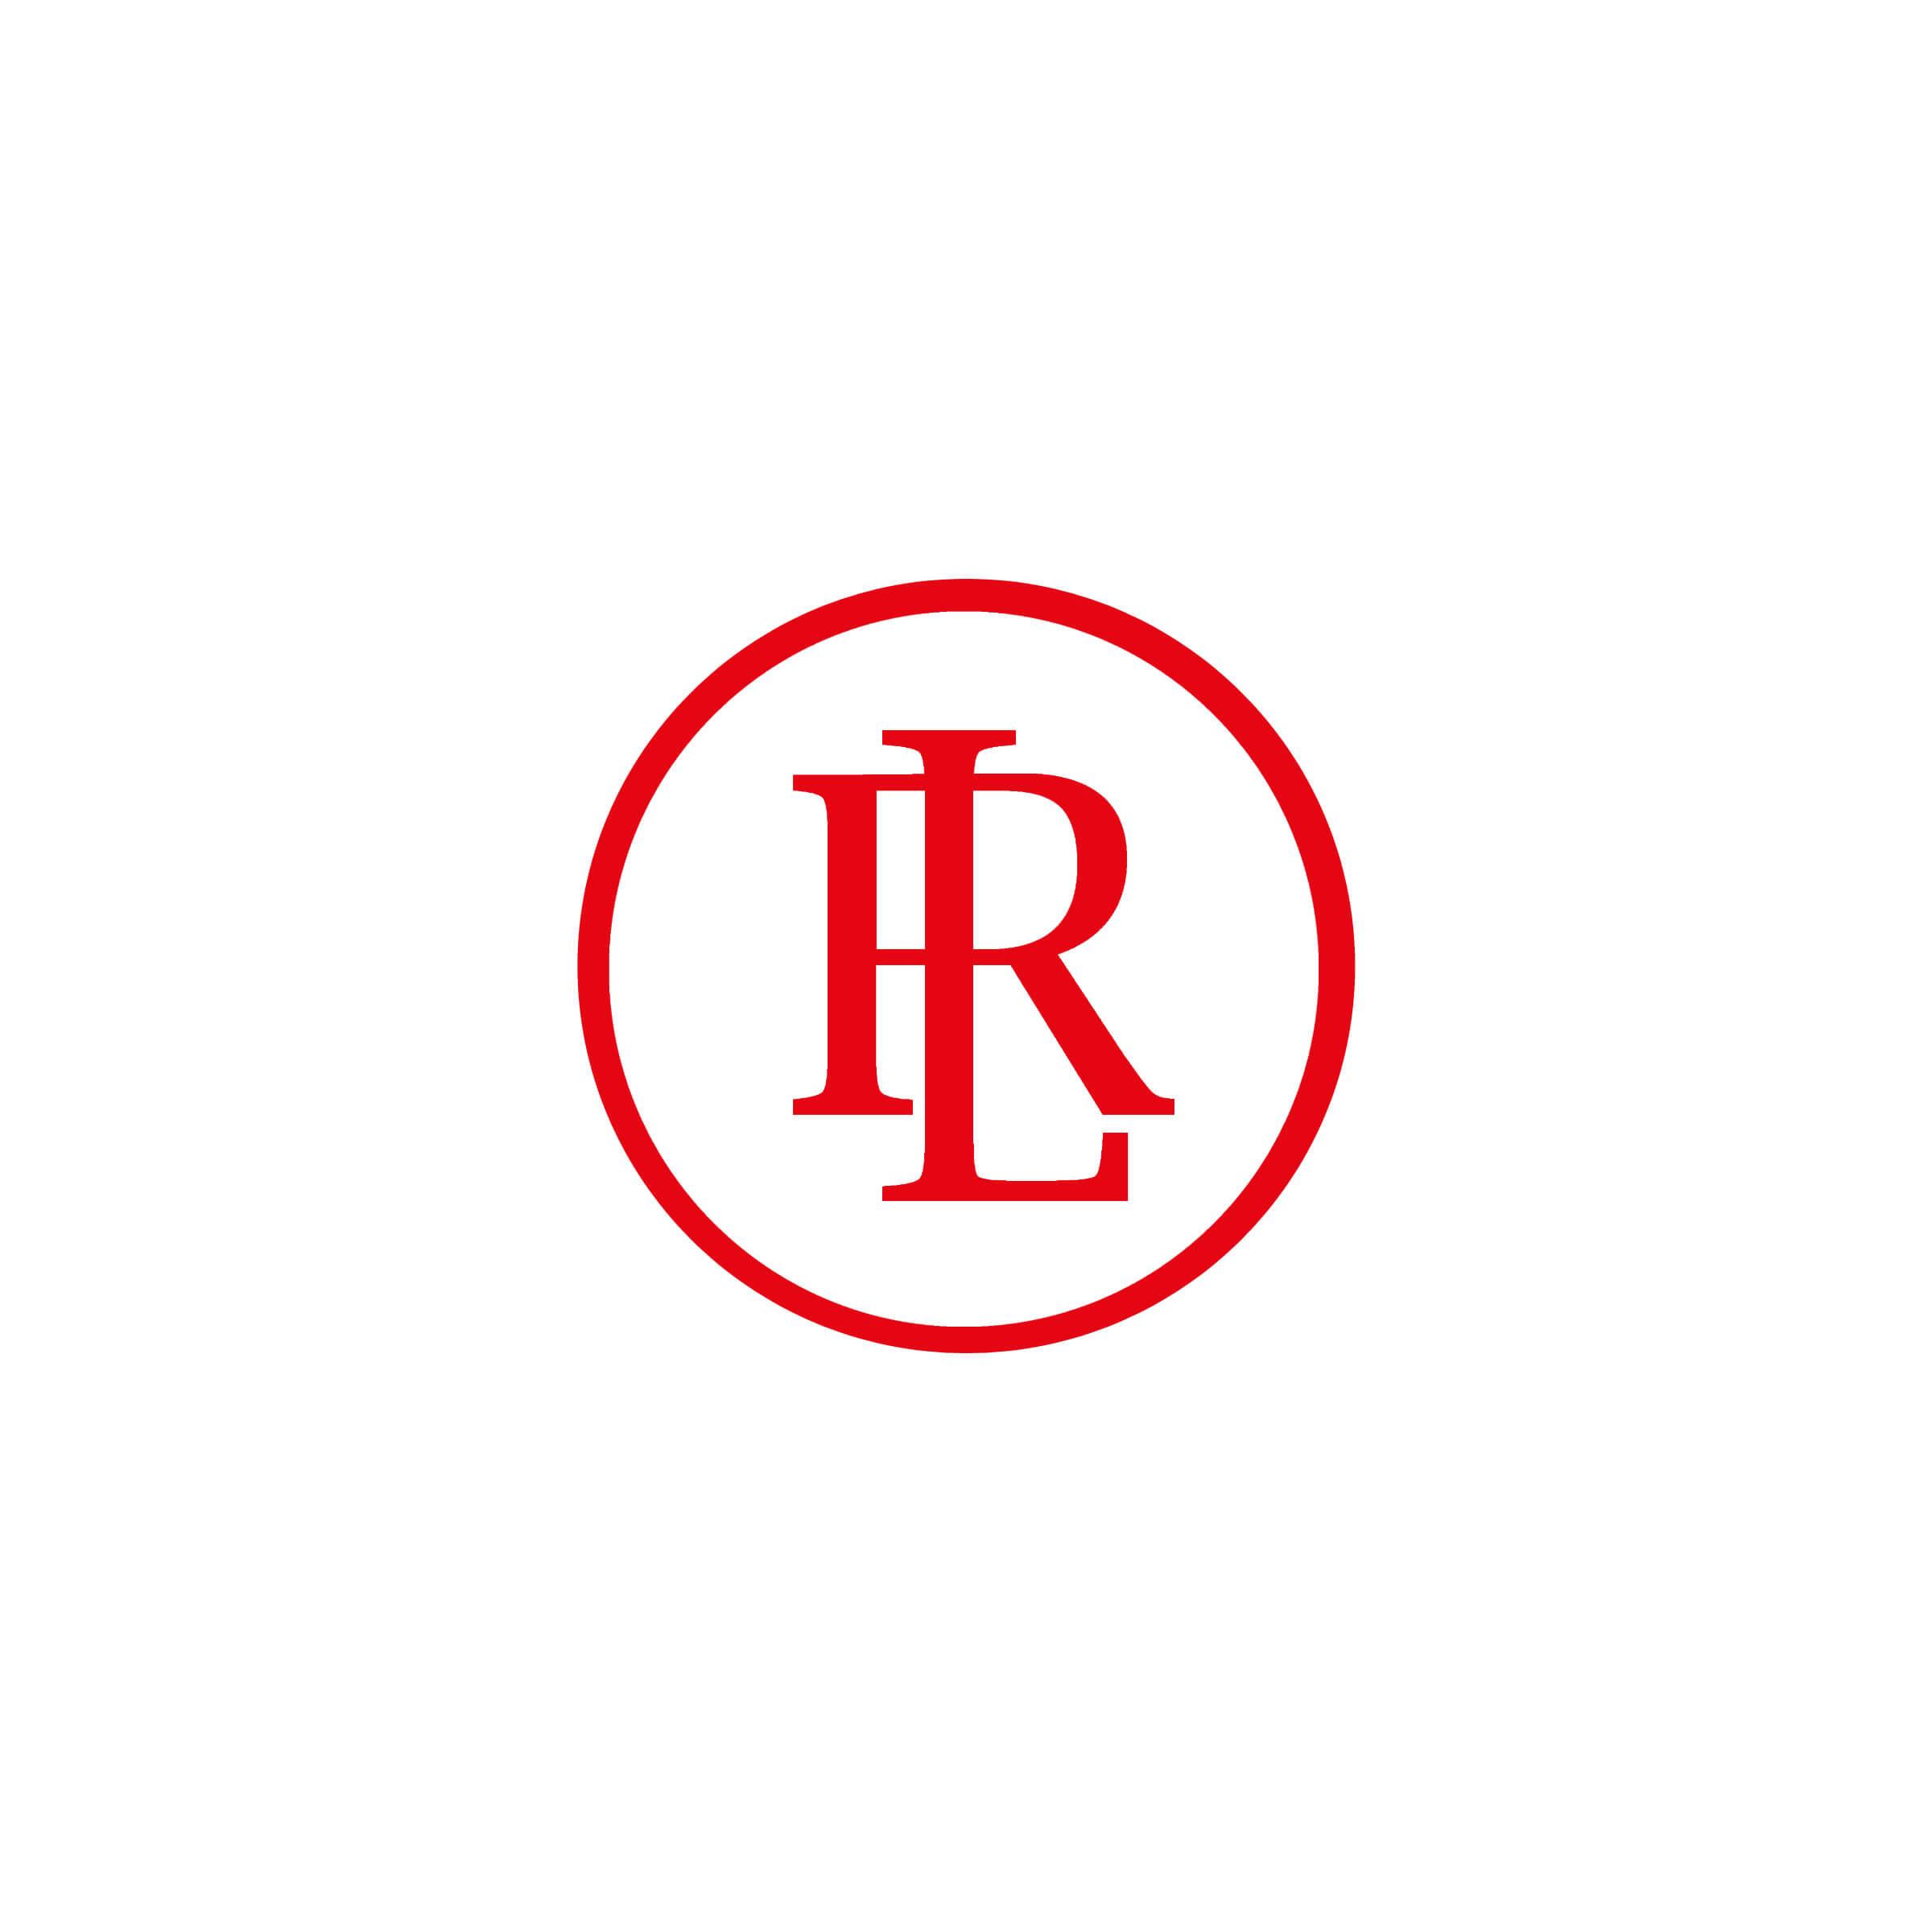 Jumper III / Boxer III Kachelmoduul Kabel Reparatieset